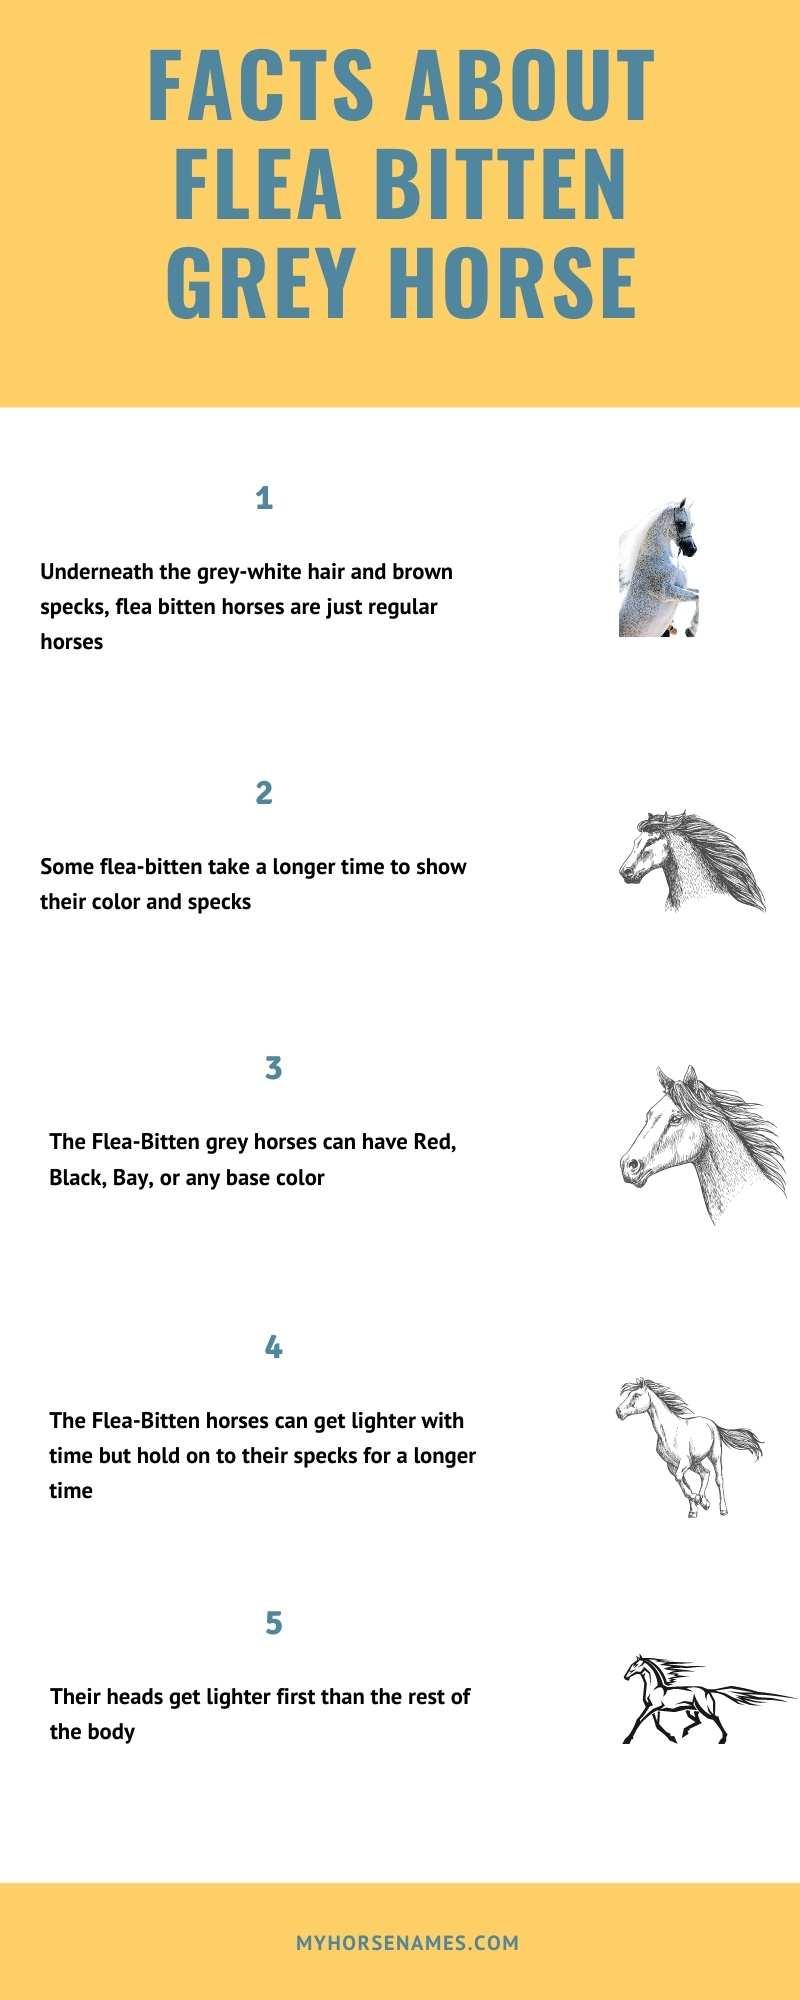 Flea Bitten Grey Horse breed